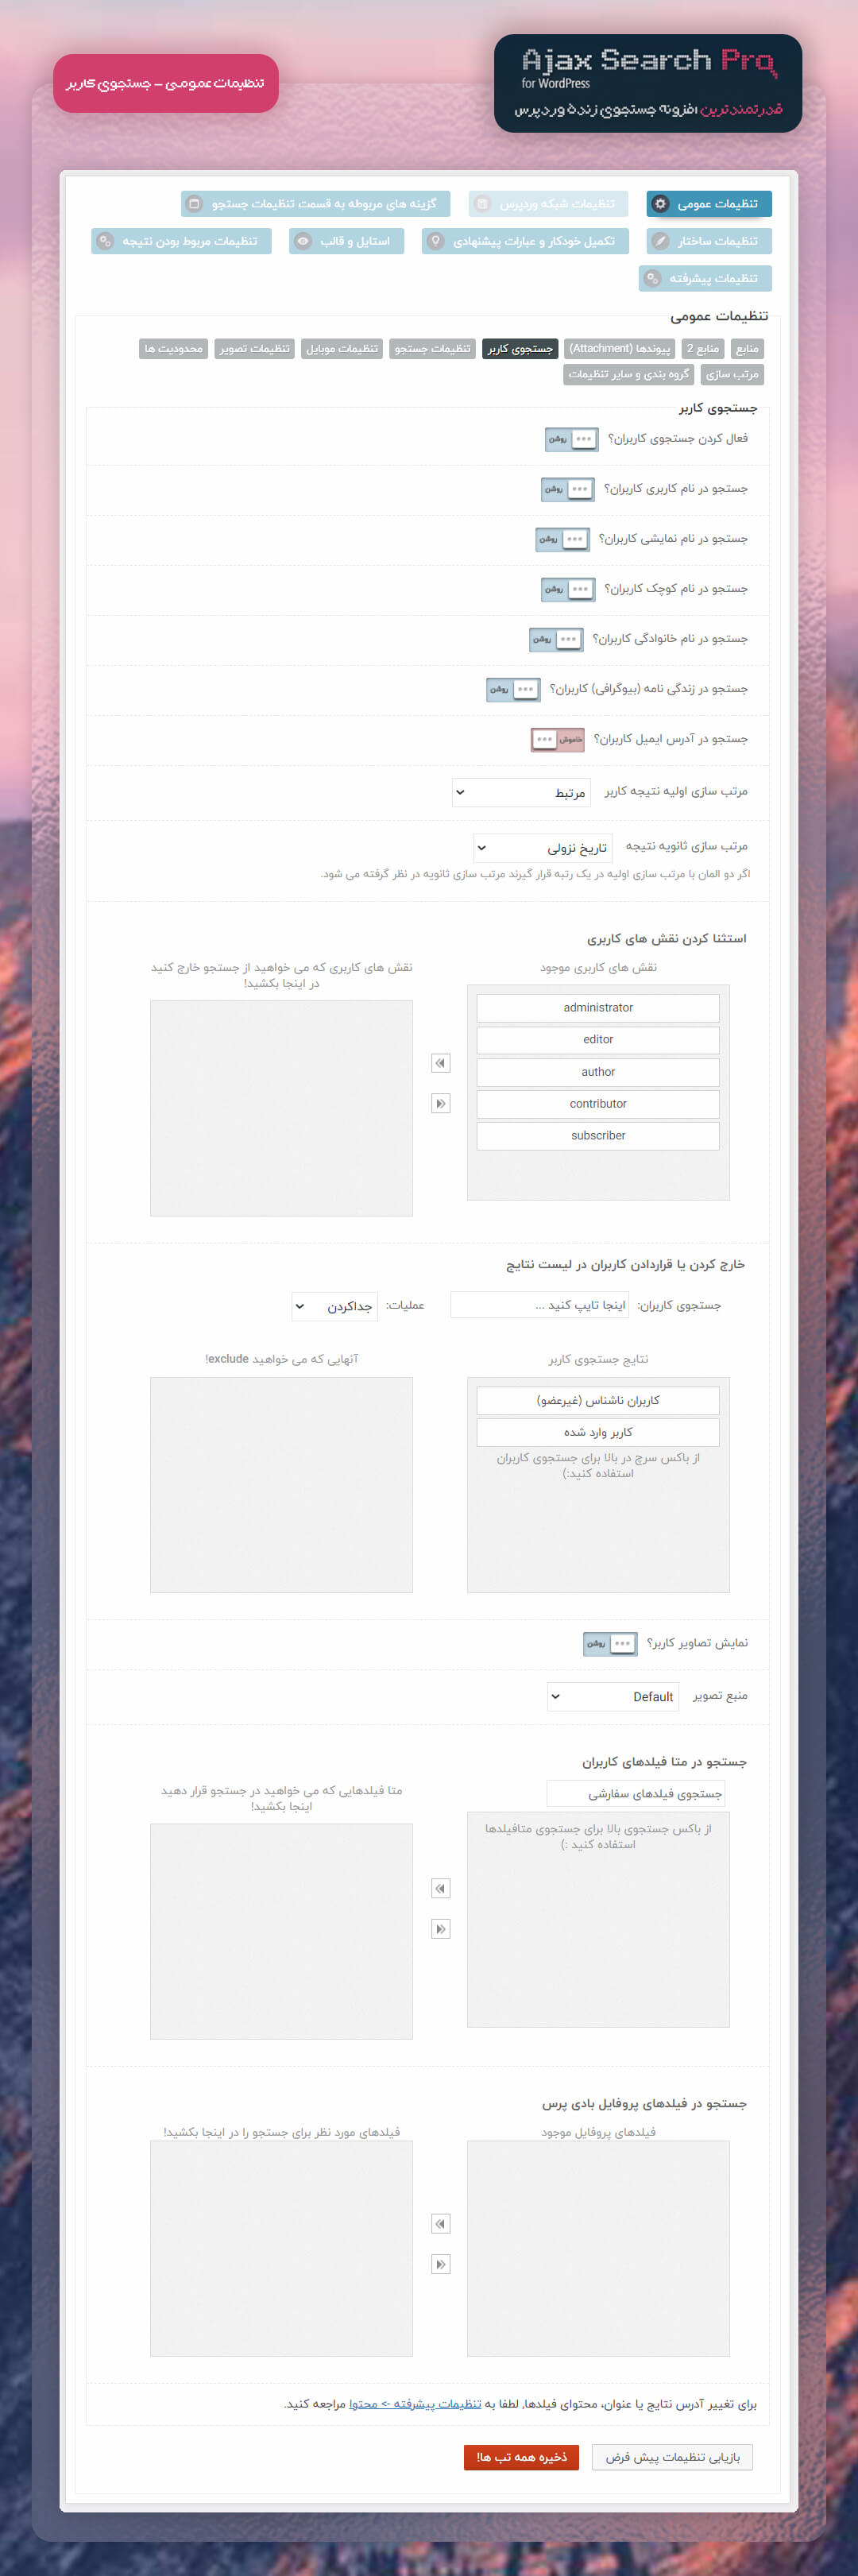 تنظیمات جستجو در افزونه جستجوی Ajax Search Pro